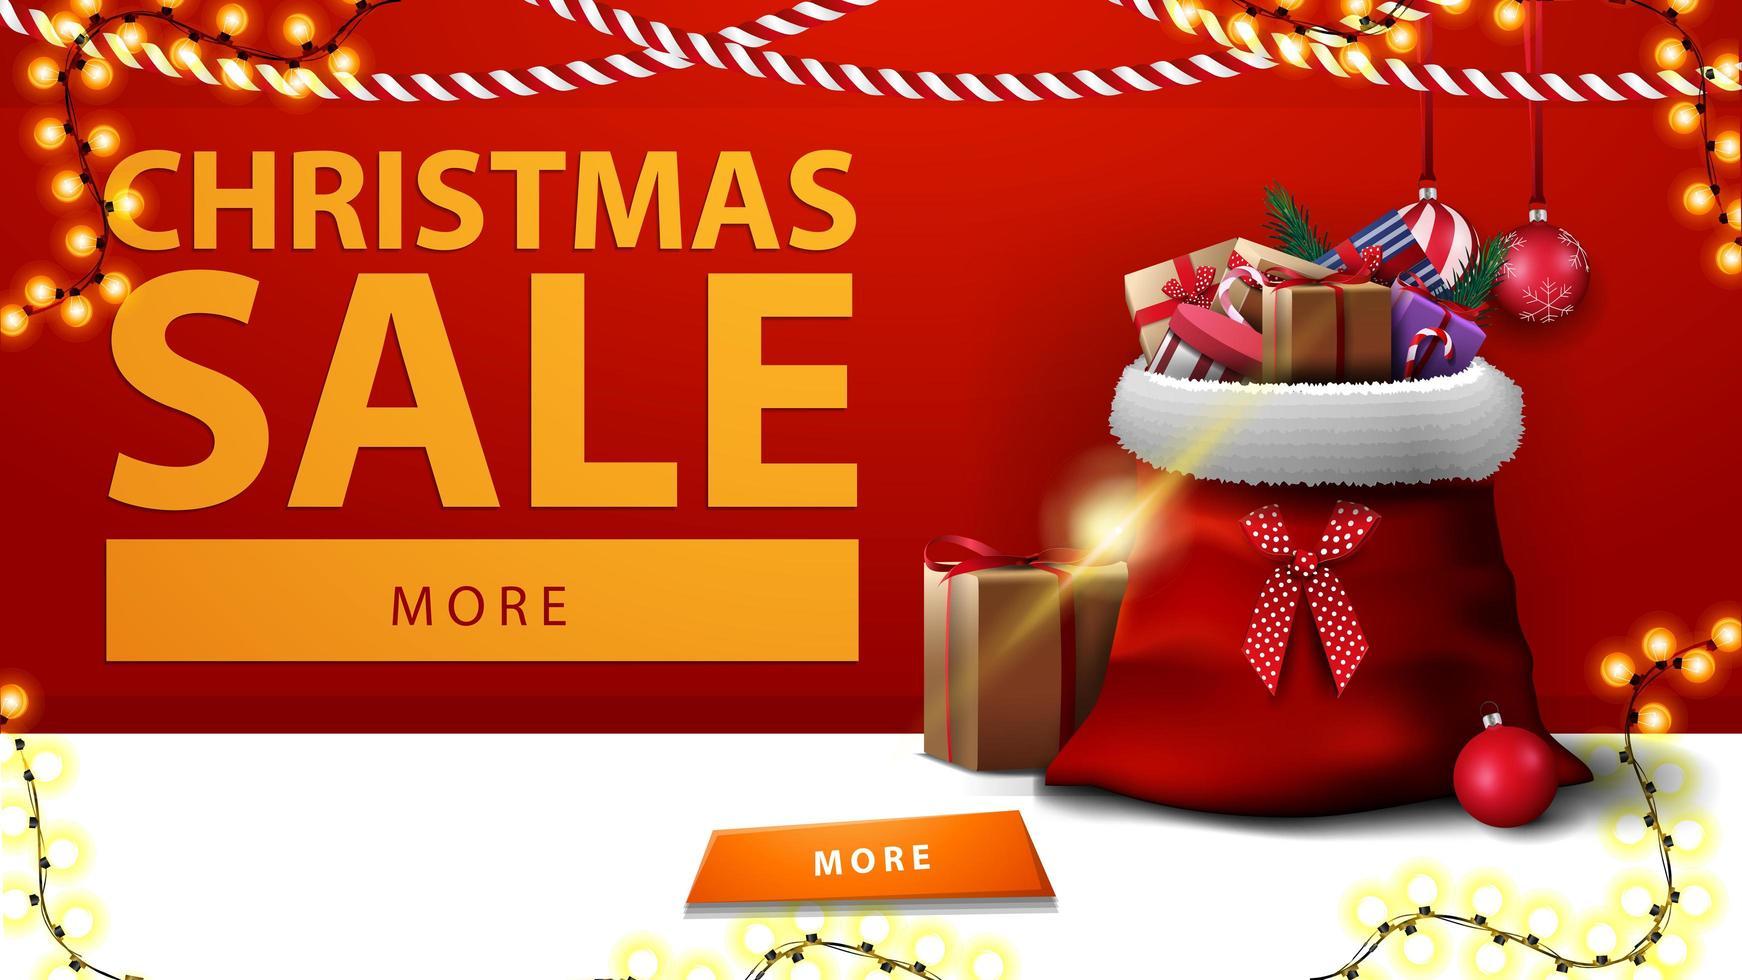 Weihnachtsverkauf. horizontales Rabattbanner mit Weihnachtsmann-Tasche mit Geschenken nahe der roten Wand vektor